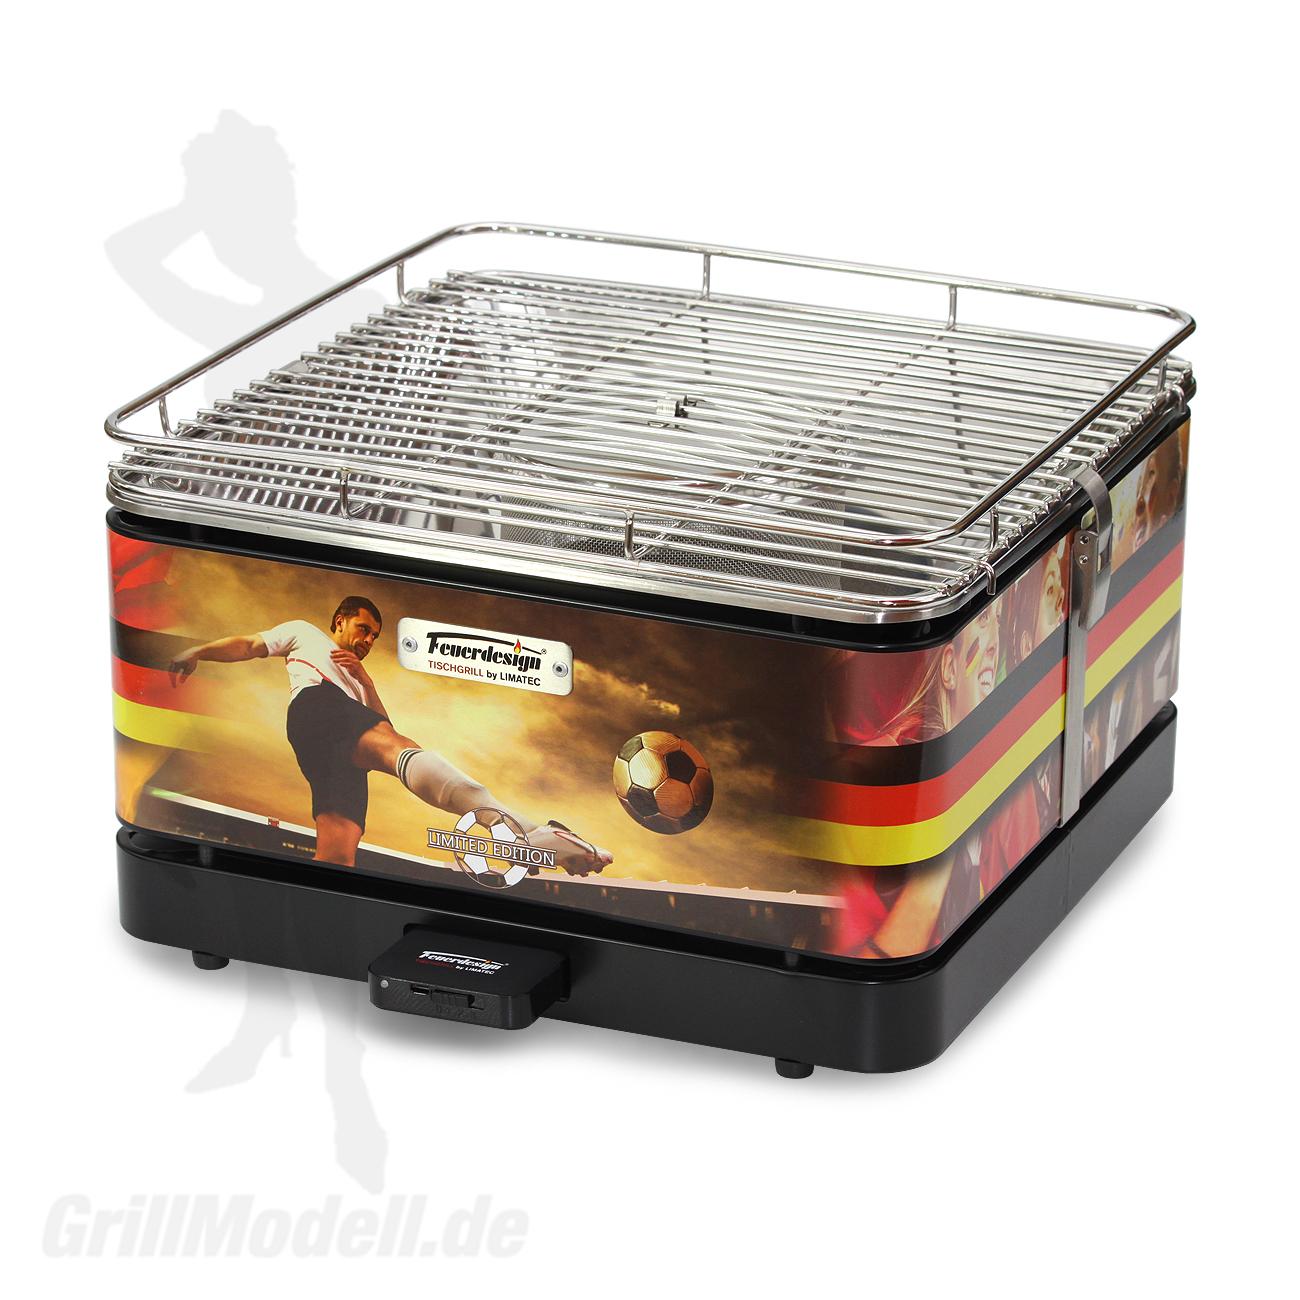 Holzkohle Tischgrill von Feuerdesign - Sondermodell Teide Fussball Deutschland